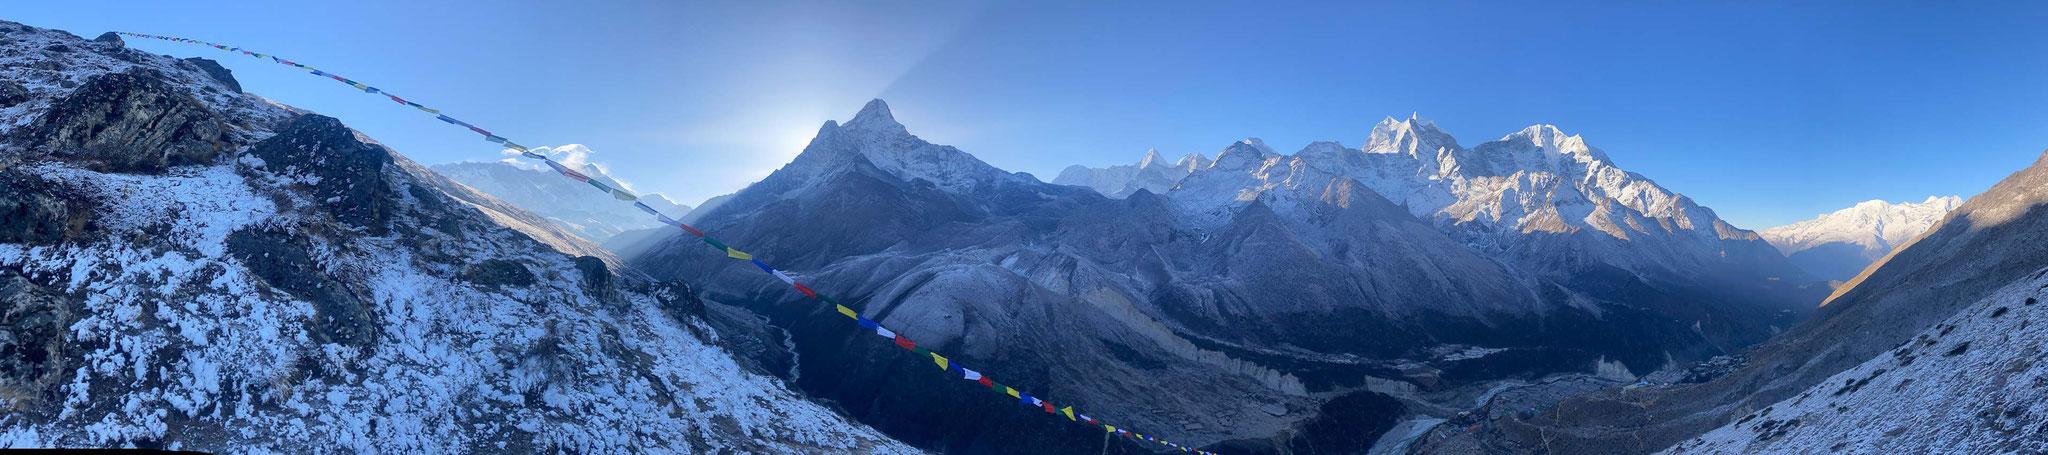 Blick übers Khumbu vom Taboche Basecamp. Die Aussicht lohnt den eher anstrengenden Aufstieg.